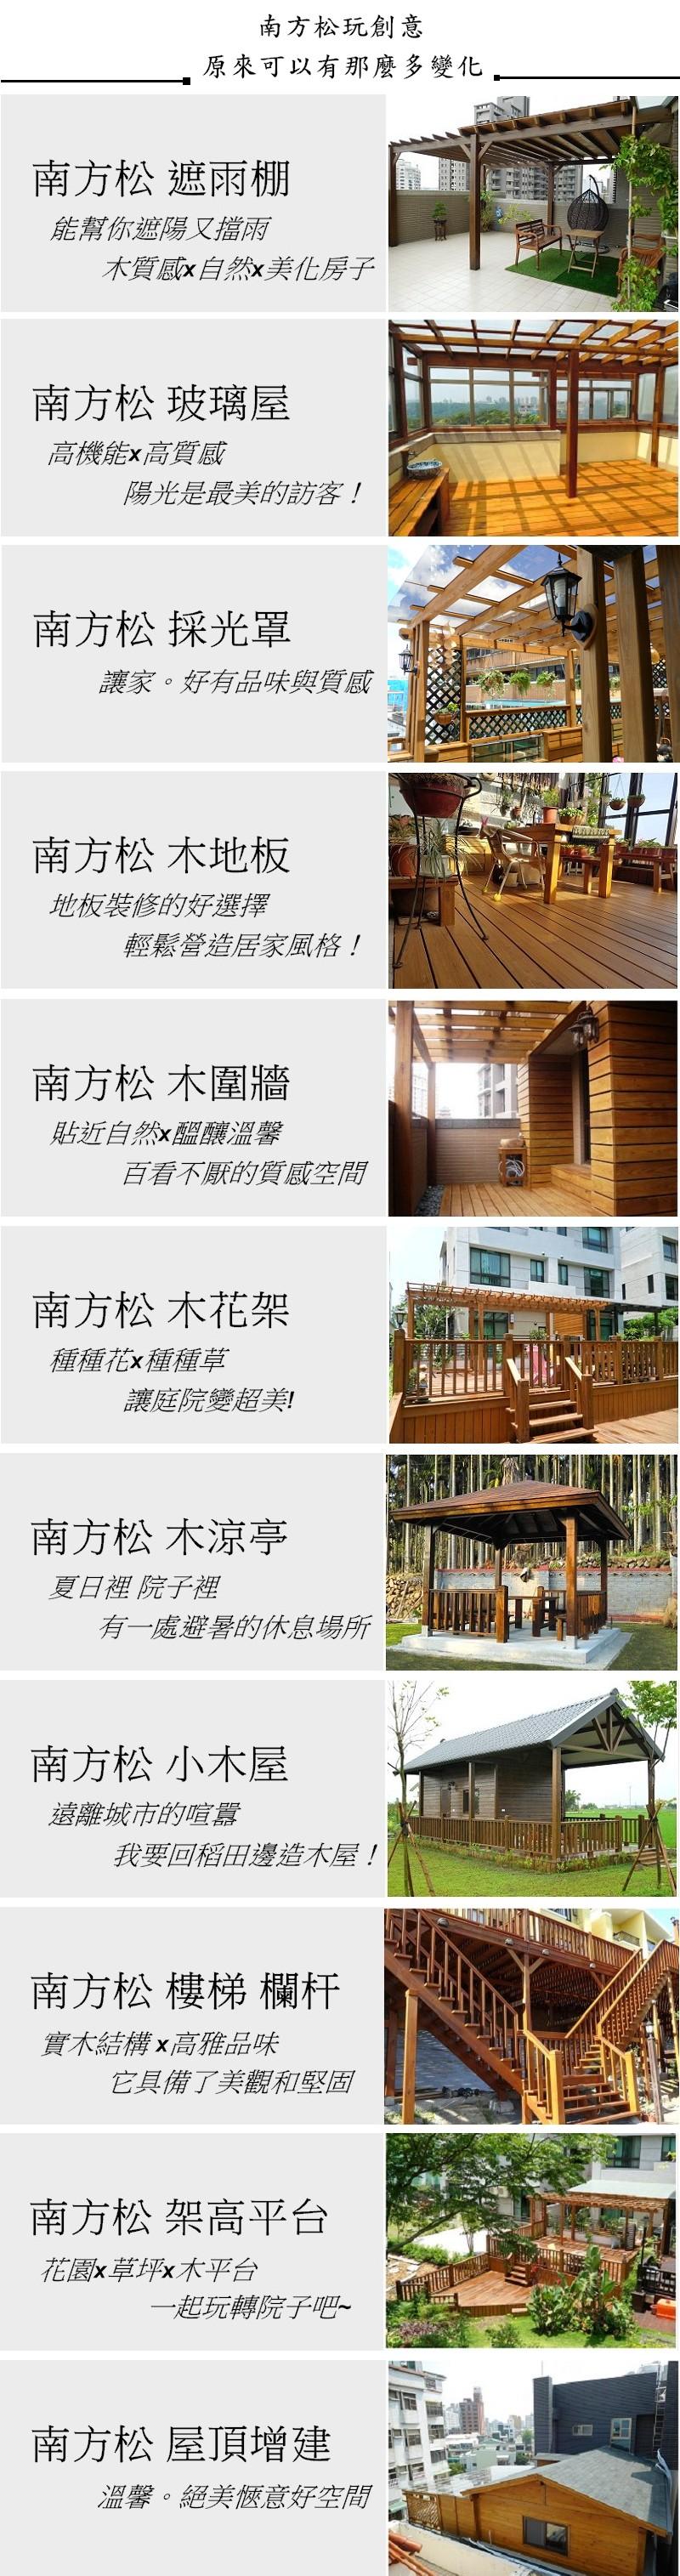 【園匠工坊】頂樓。戶外。實木。南方松、採光罩、 雨遮 、遮雨棚 、木地板 格網 工程